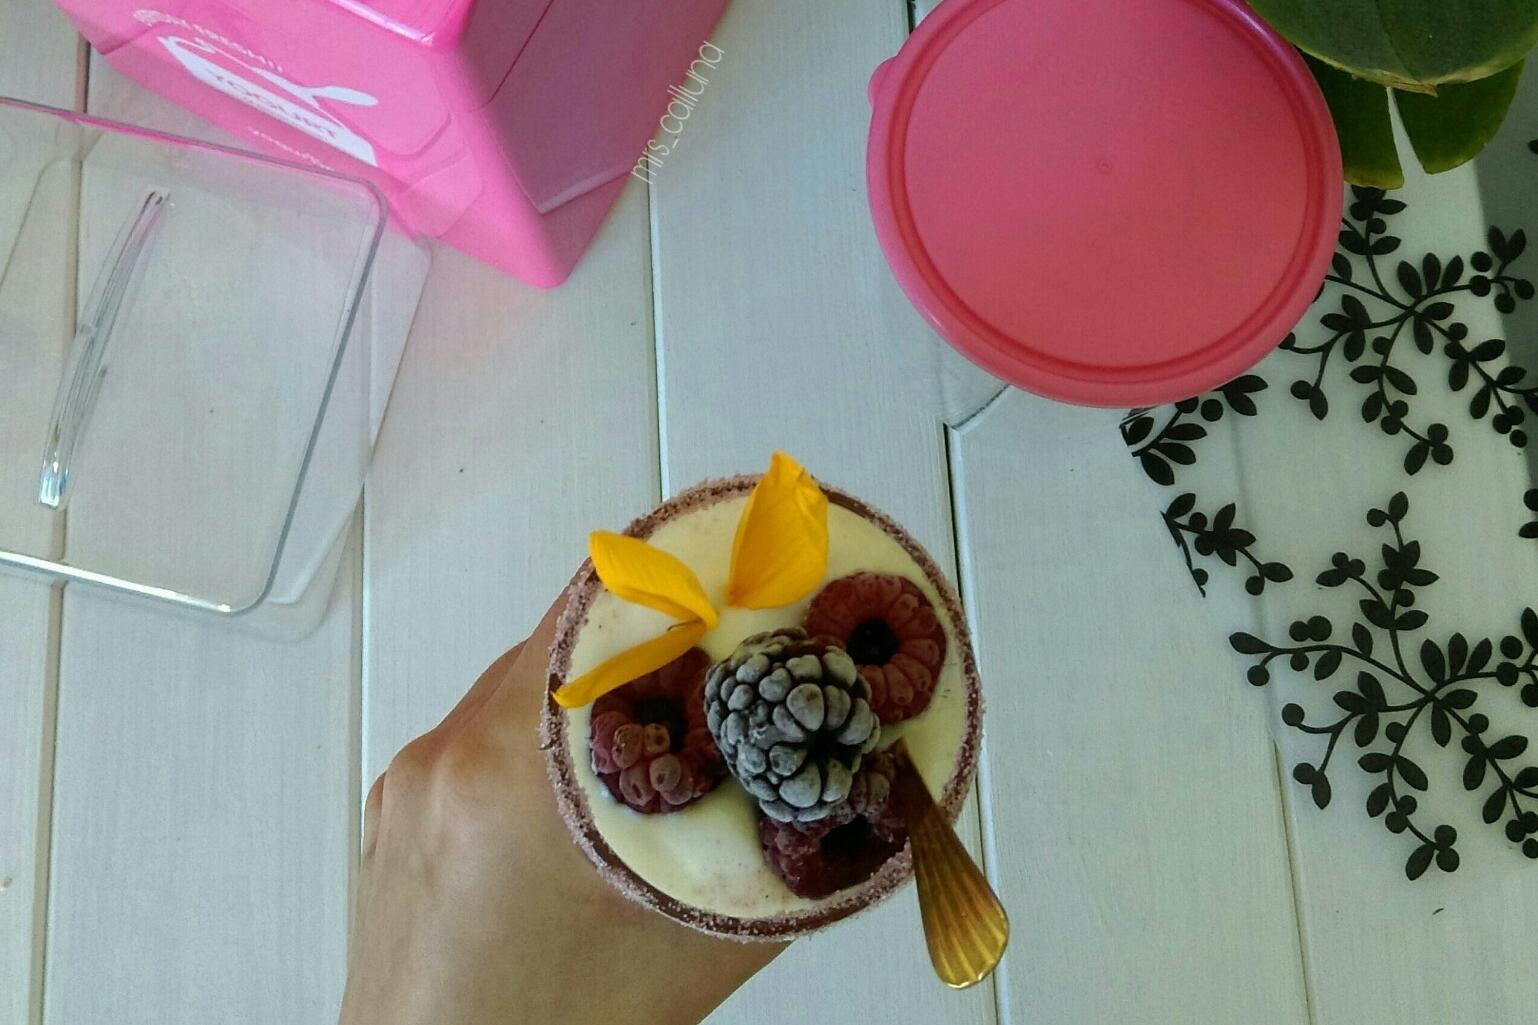 jak zrobic jogurt grecki w domu